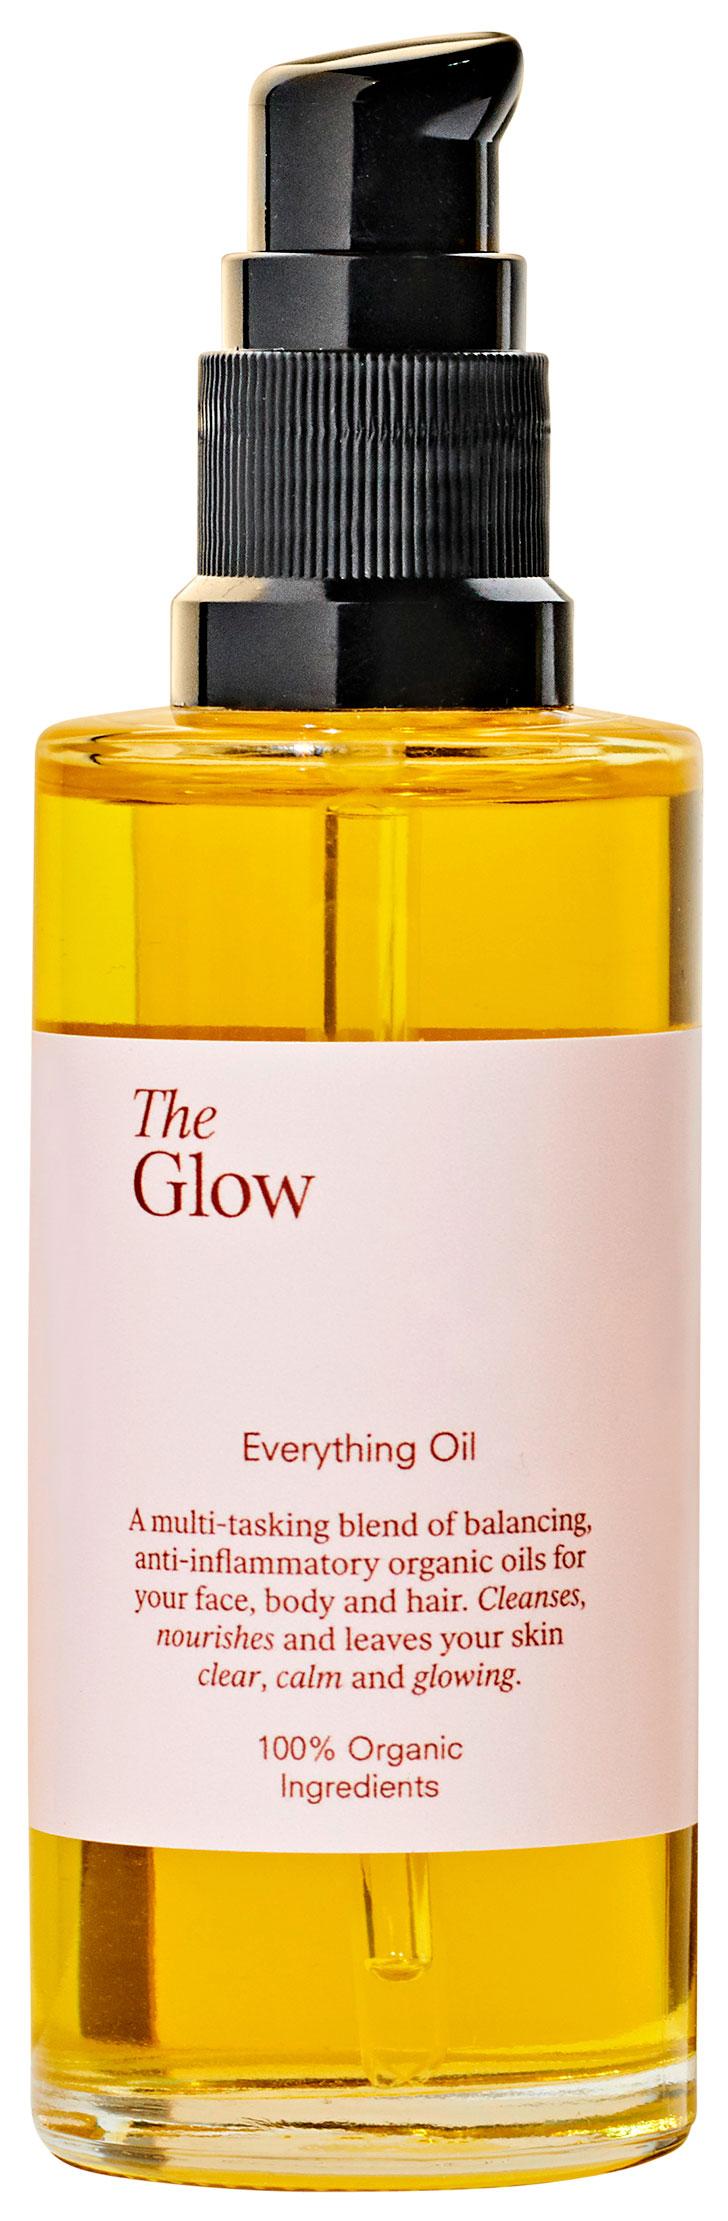 Nachhaltig Rasieren – unsere Favoriten für natürliche Haarentfernung: Naturkosmetik Everything Oil von The Glow